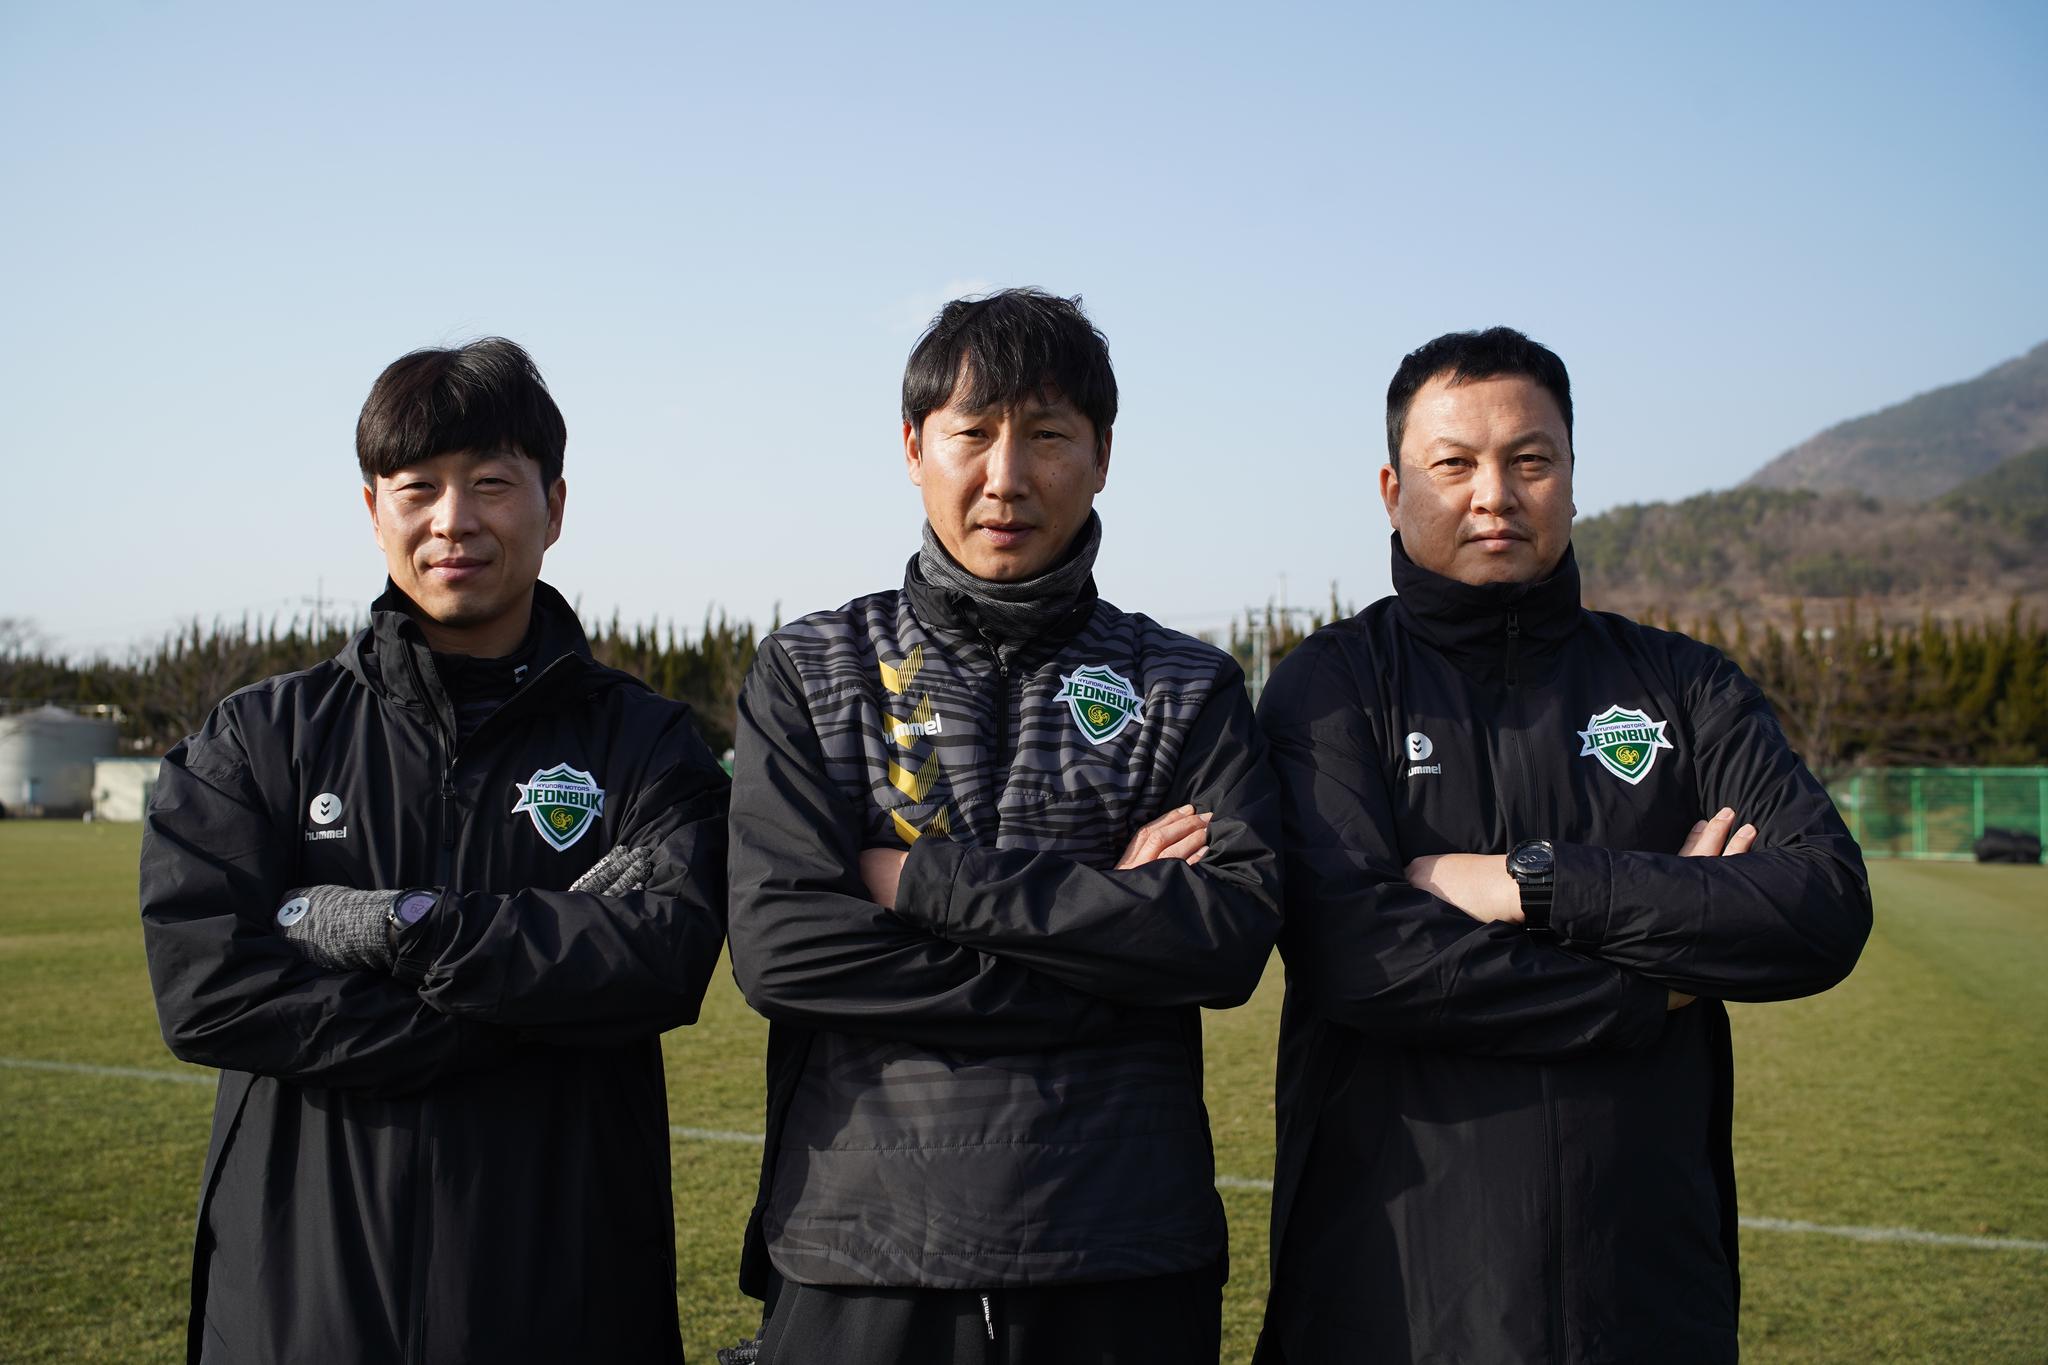 전북 현대를 새롭게 이끈 김상식(가운데) 감독. 그를 보좌할 김두현(왼쪽) 코치와 이운재(오른쪽) 코치. [사진 전북 현대]